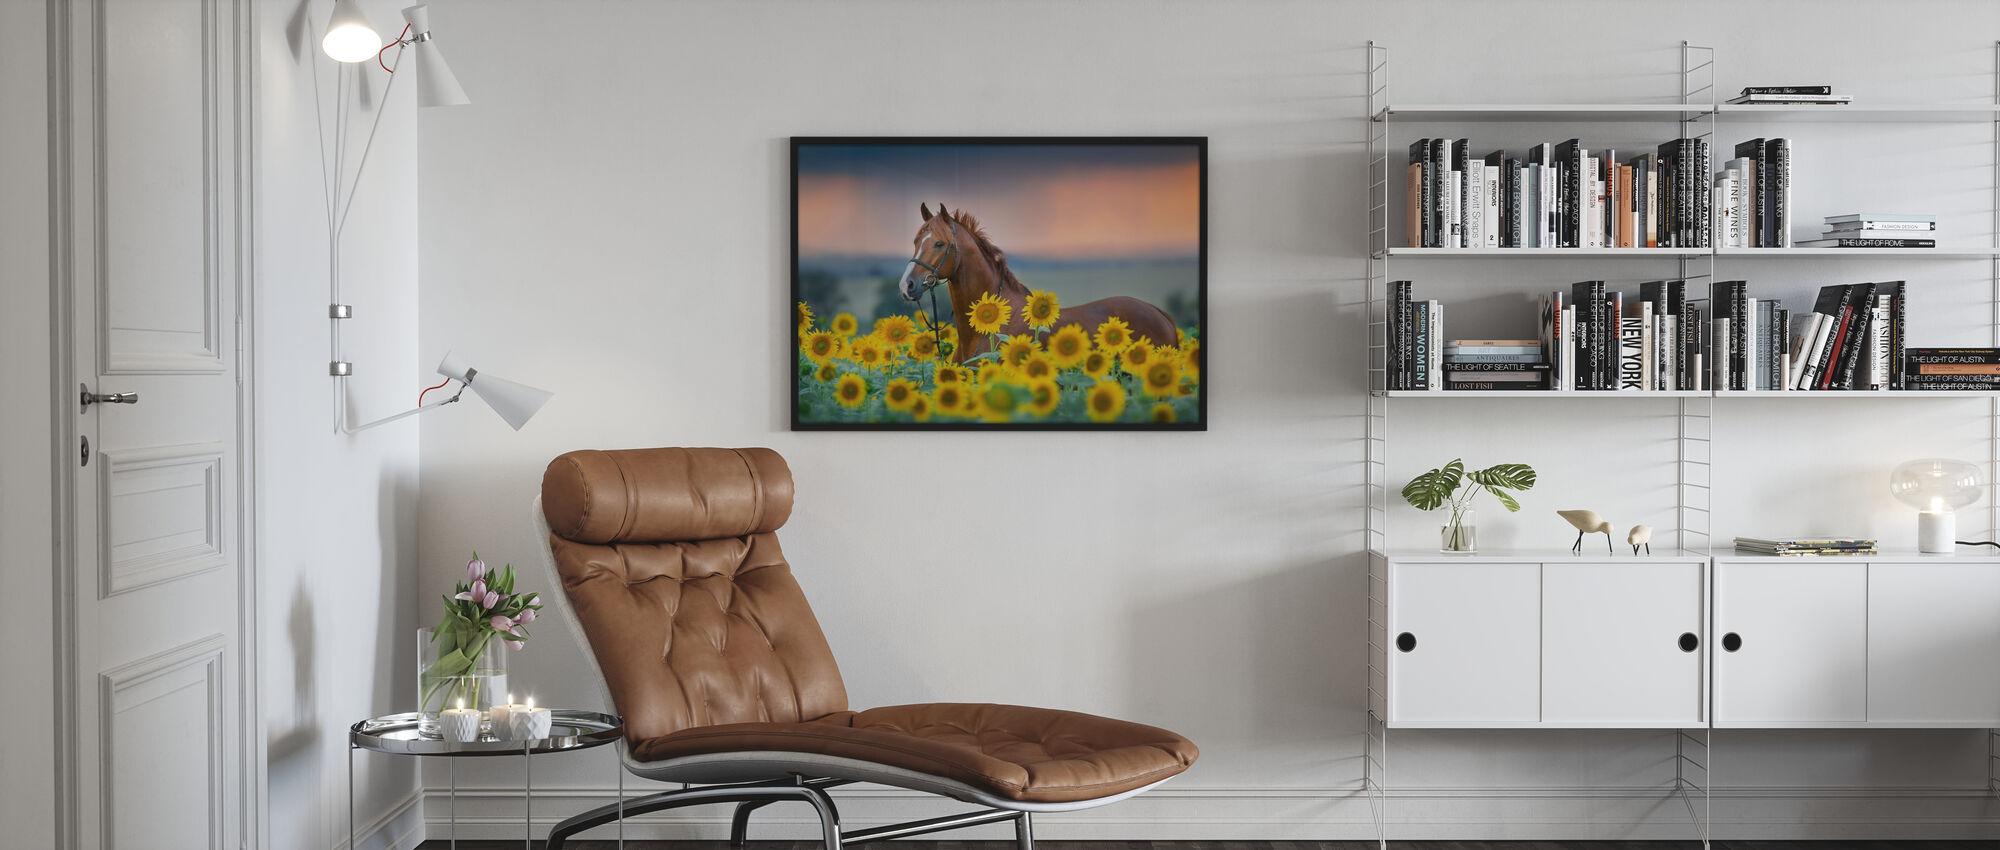 Cavallo rosso in Campo Girasoli - Stampa incorniciata - Salotto